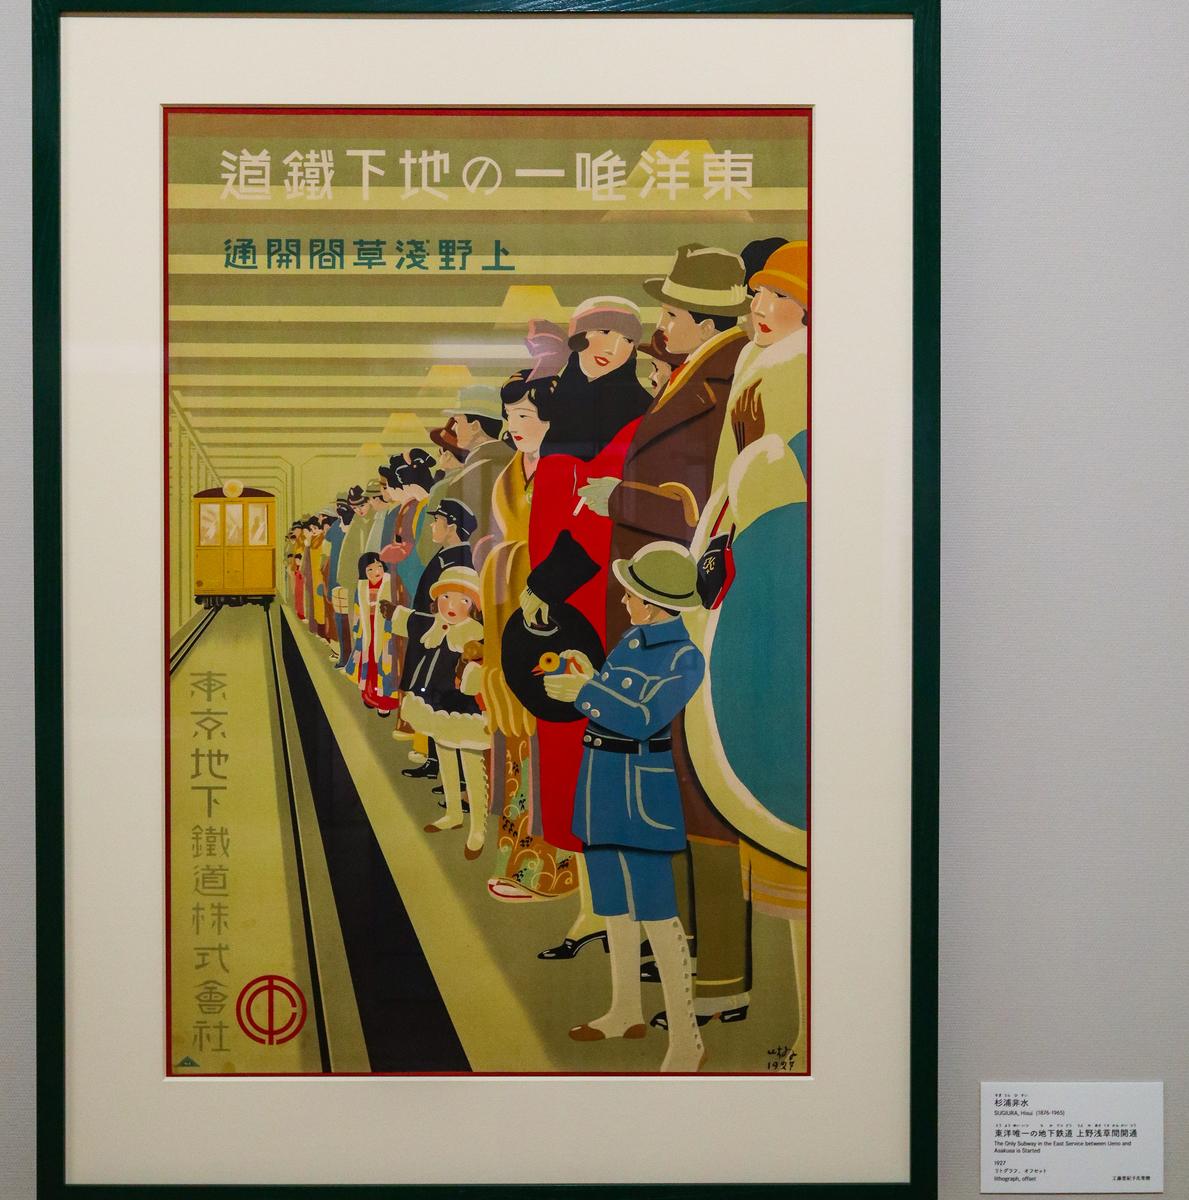 杉浦非水、東洋唯一の地下鉄道 上野浅草間開通、1927年